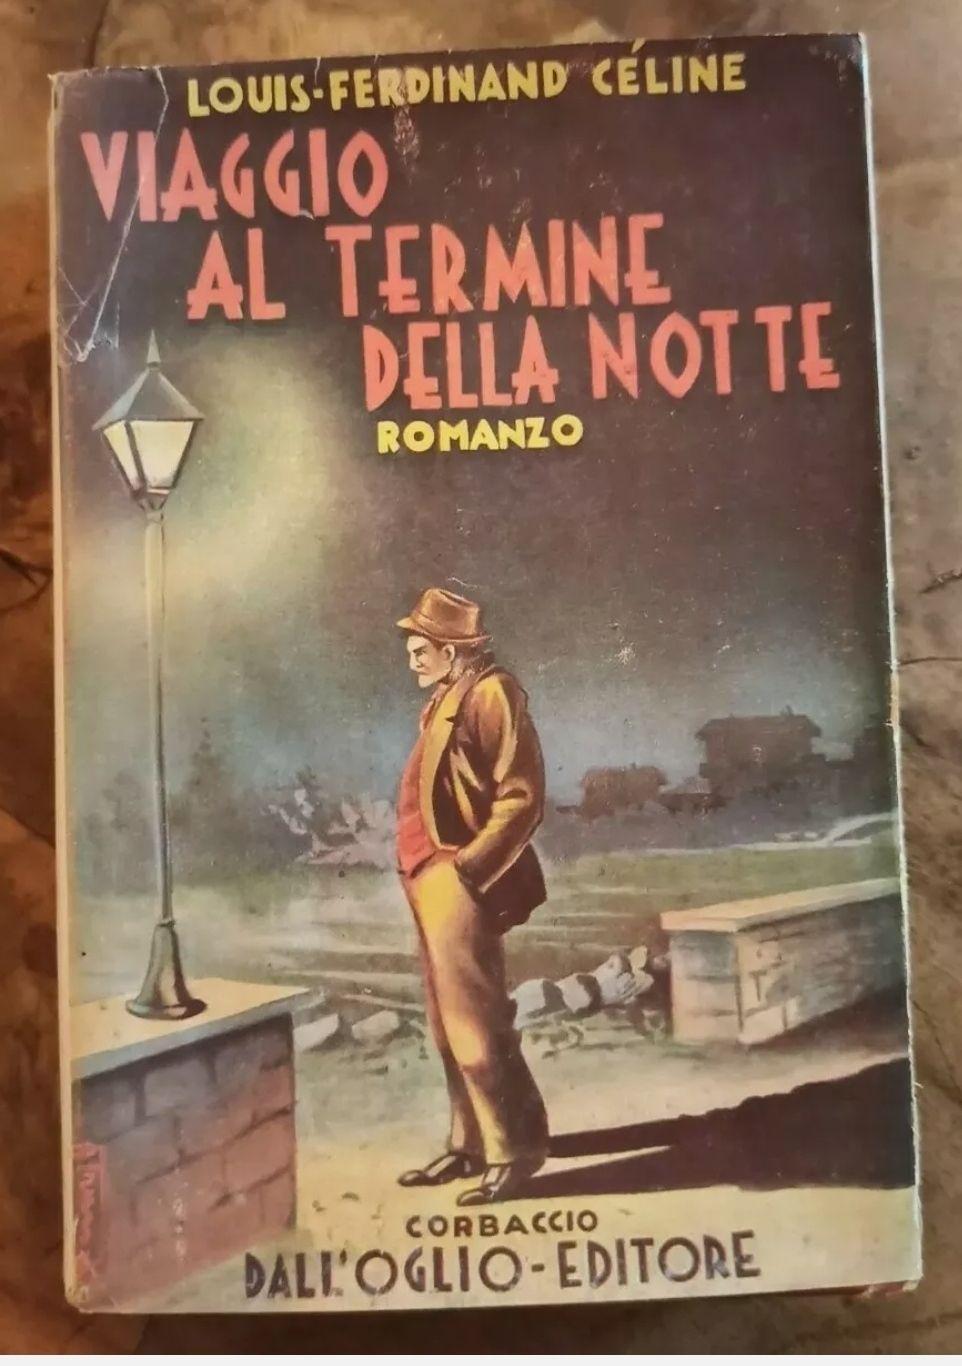 Viaggio Al Termine Della Notte Louis-Ferdinand Céline PRIMA EDIZIONE 1933